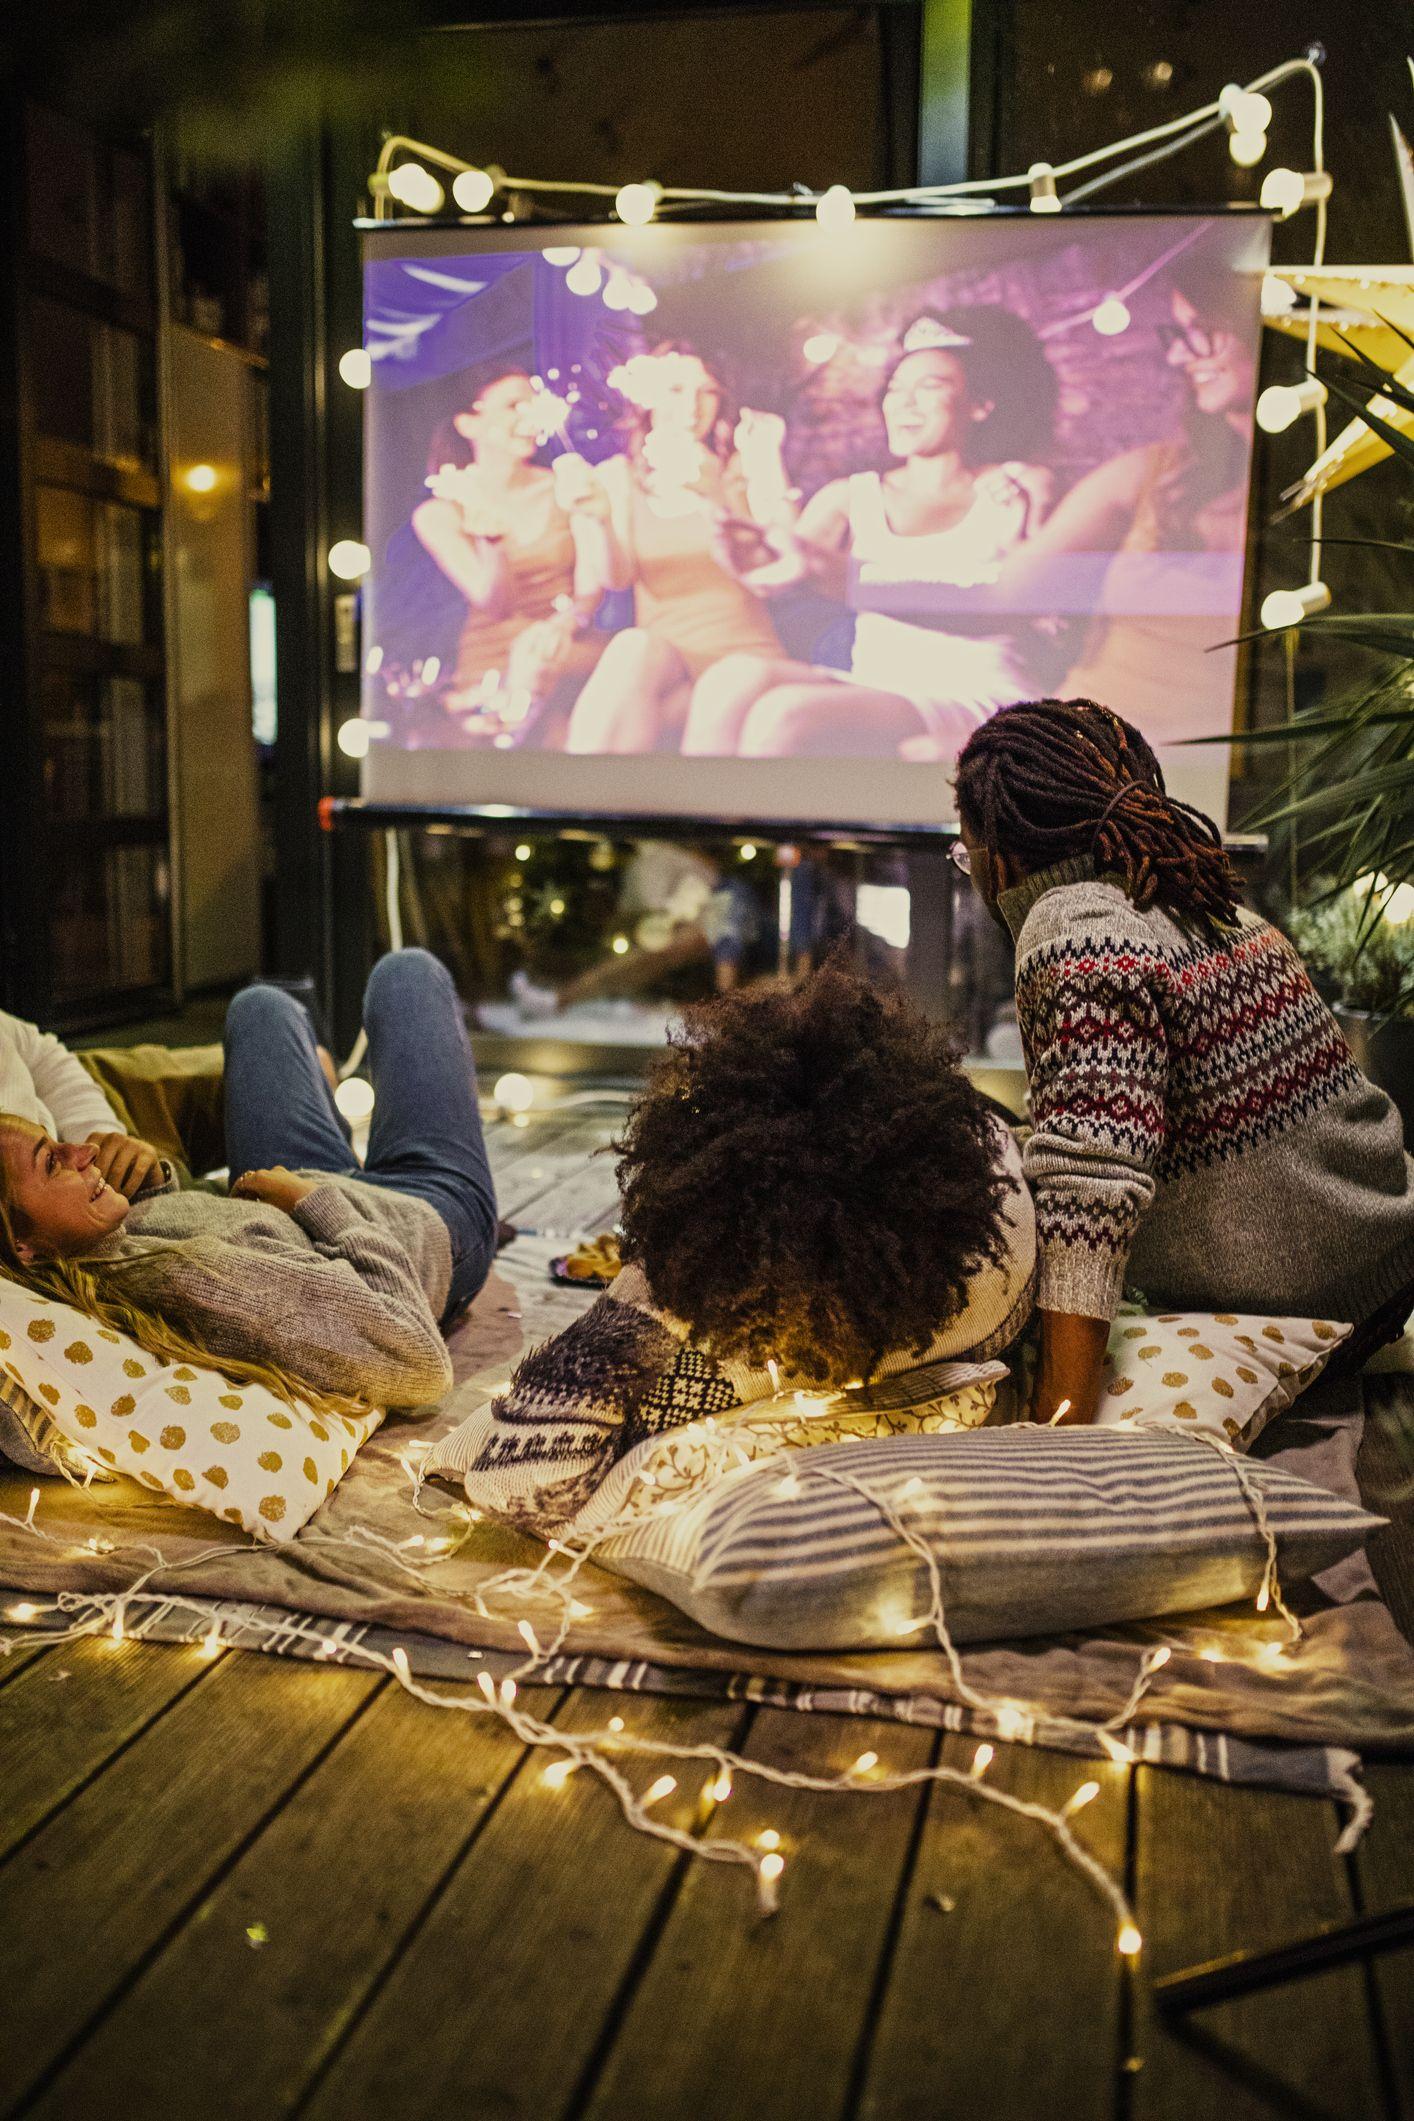 filmska večer u dvorištu